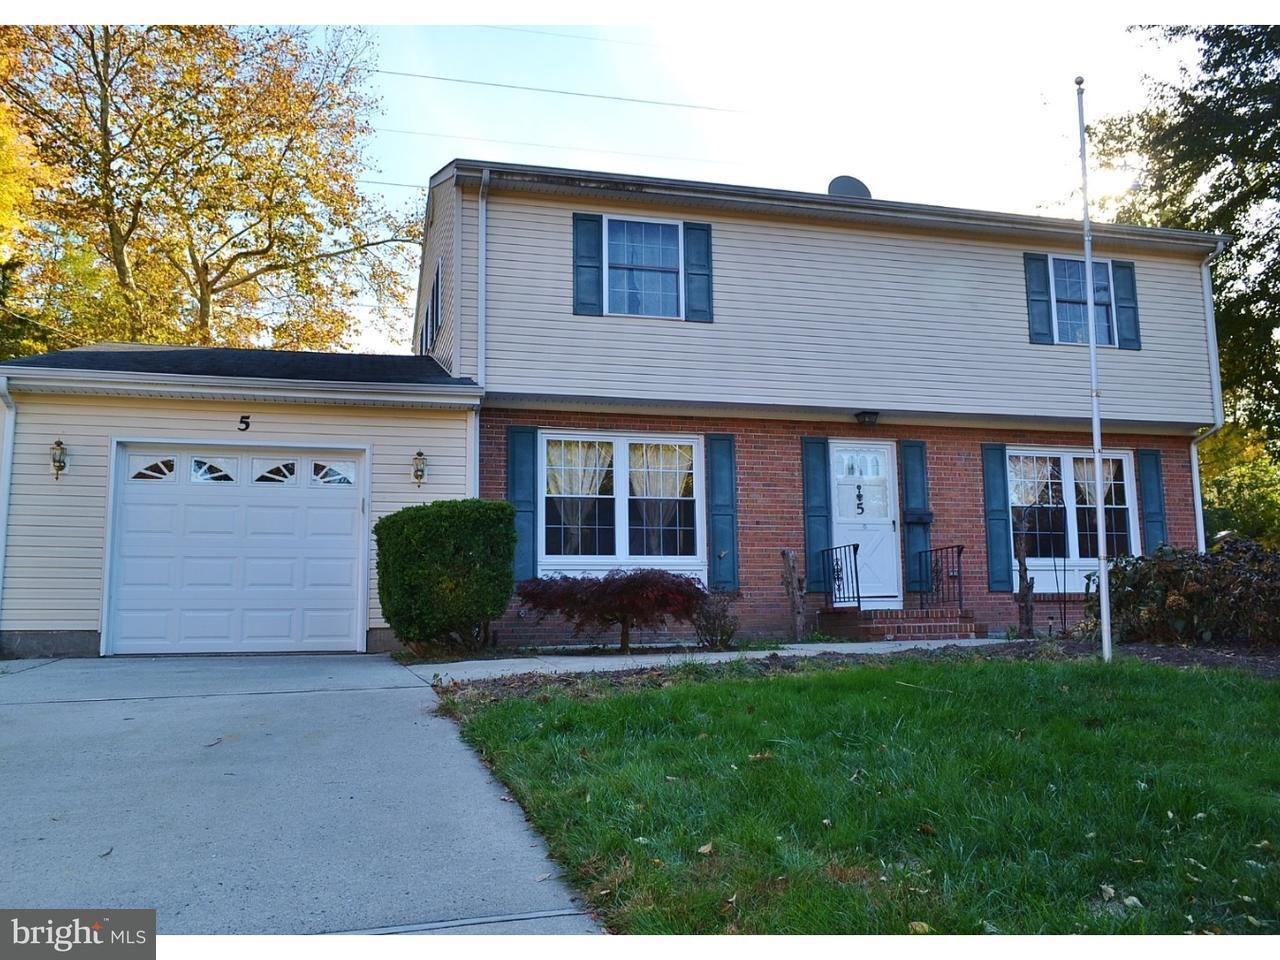 Casa Unifamiliar por un Venta en 5 DOGWOOD Drive Lawrence, Nueva Jersey 08648 Estados UnidosEn/Alrededor: Lawrence Township